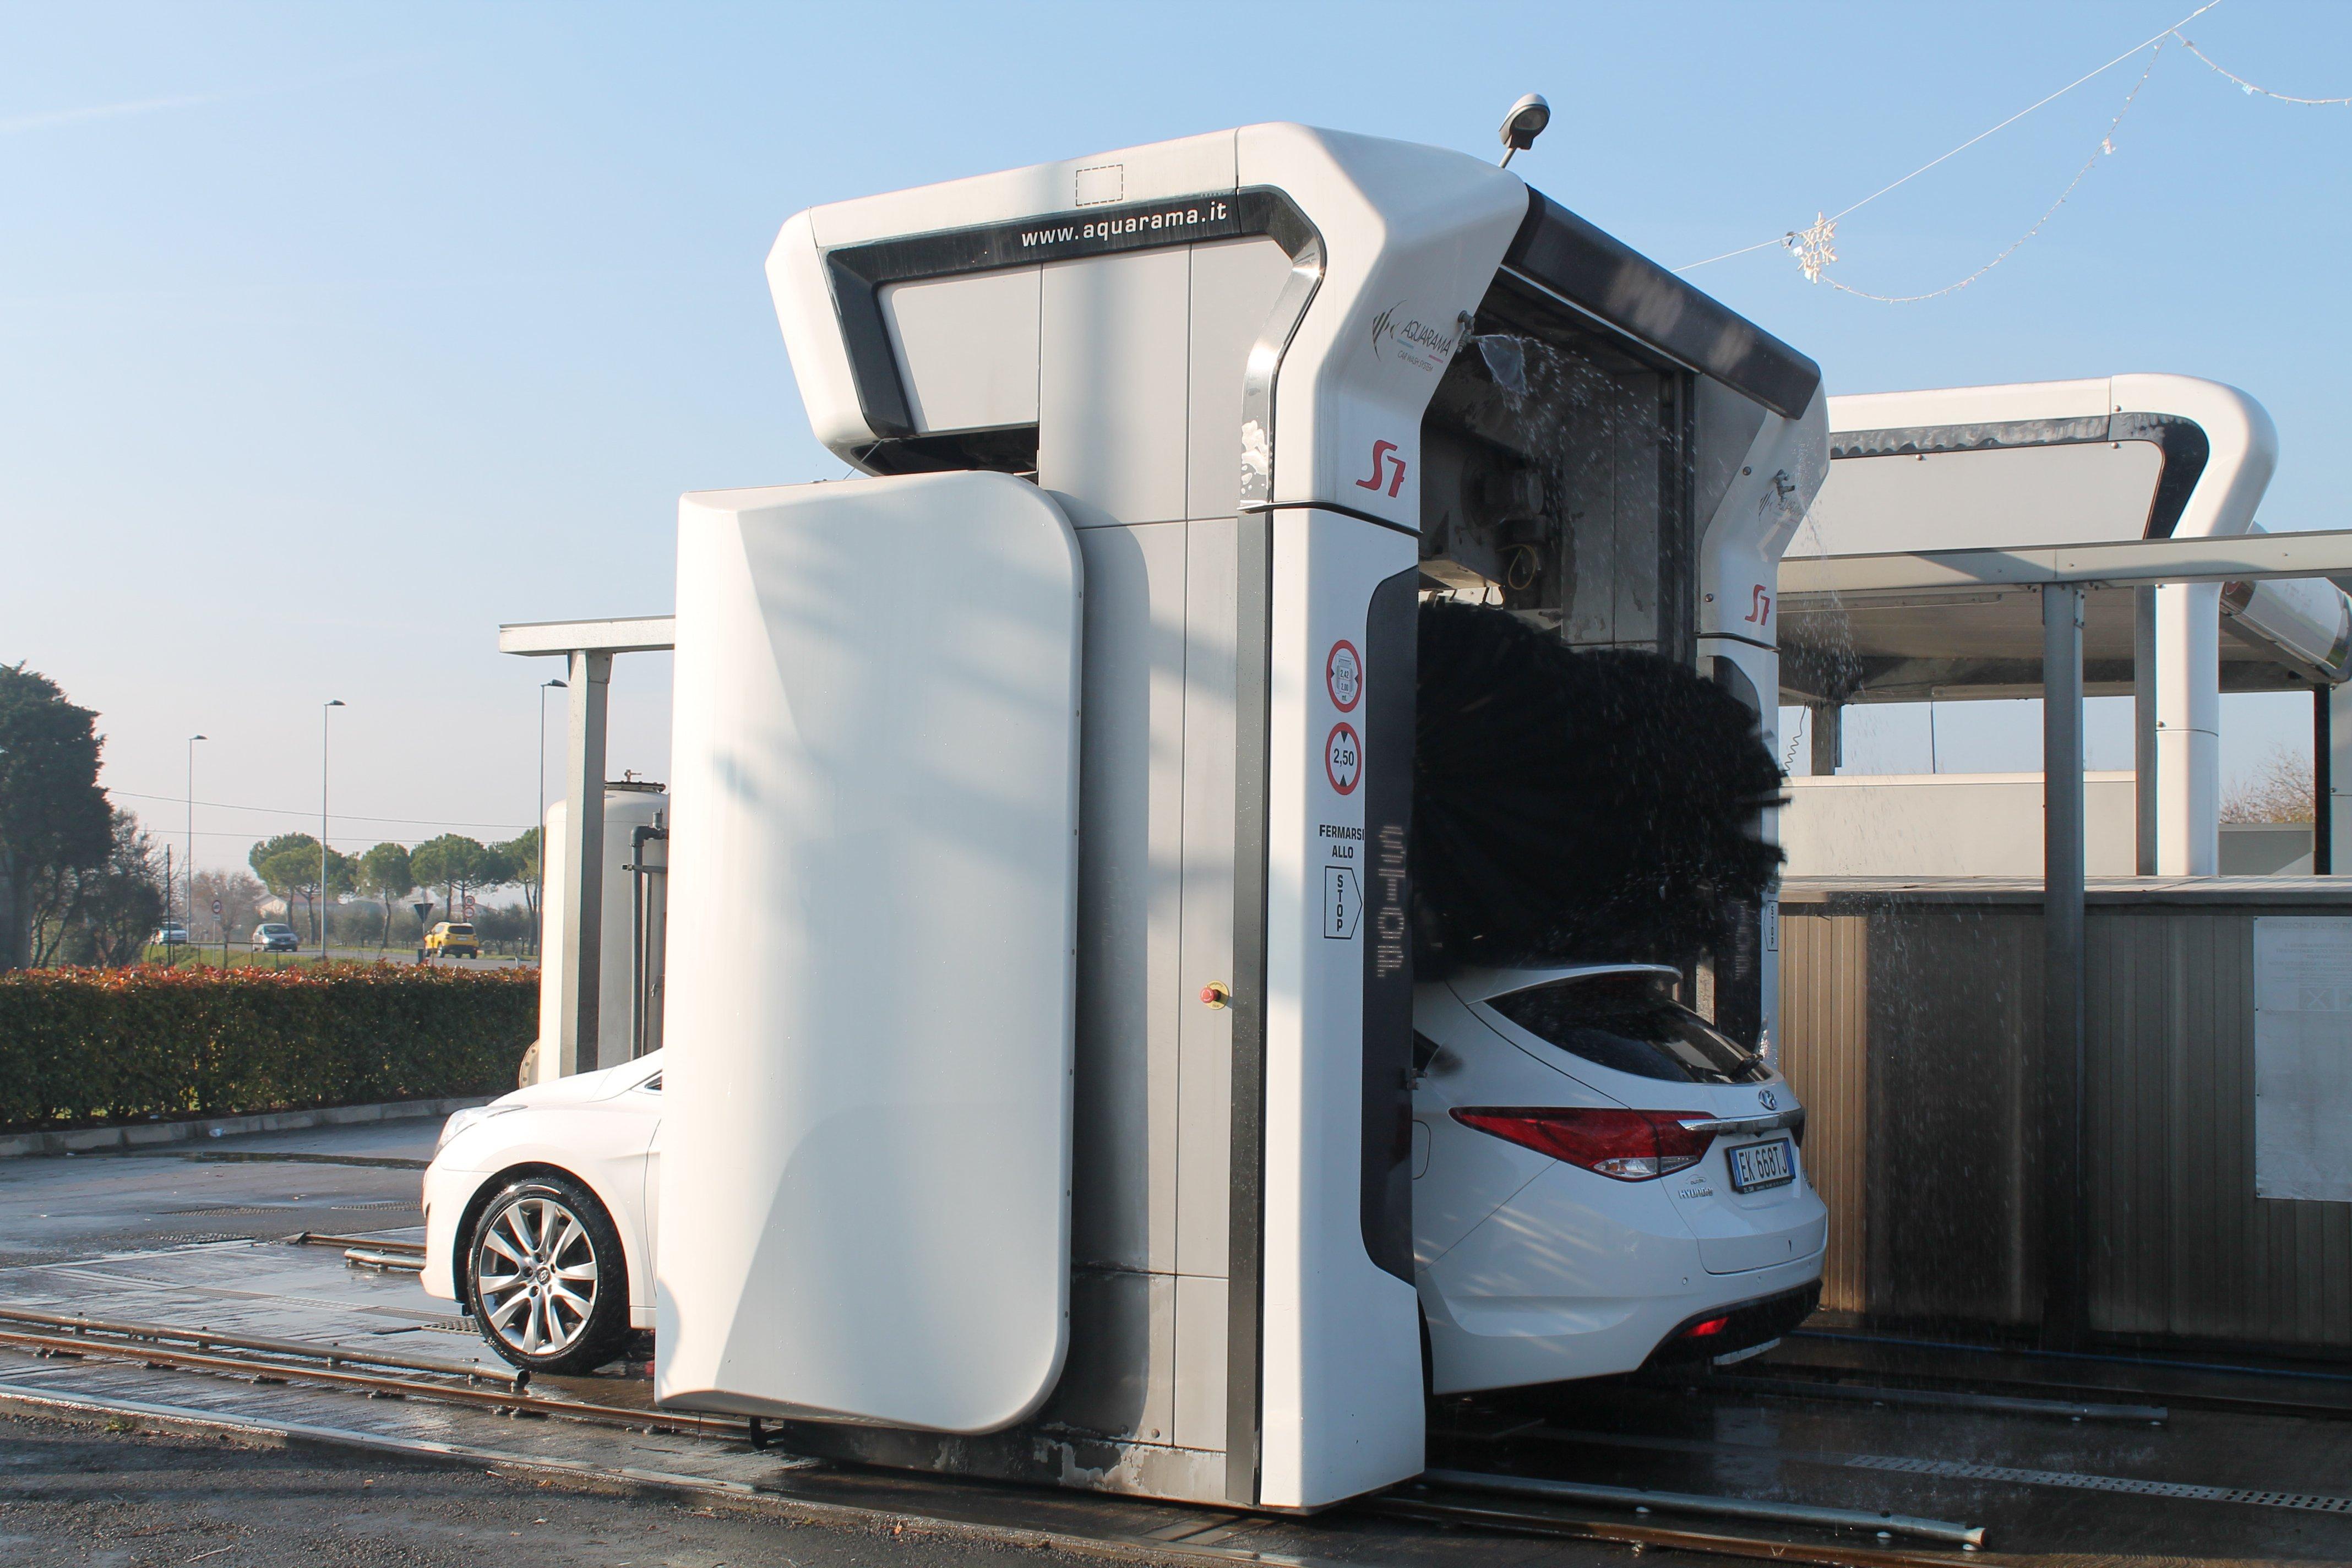 Una macchina di lusso bianca in lavaggio